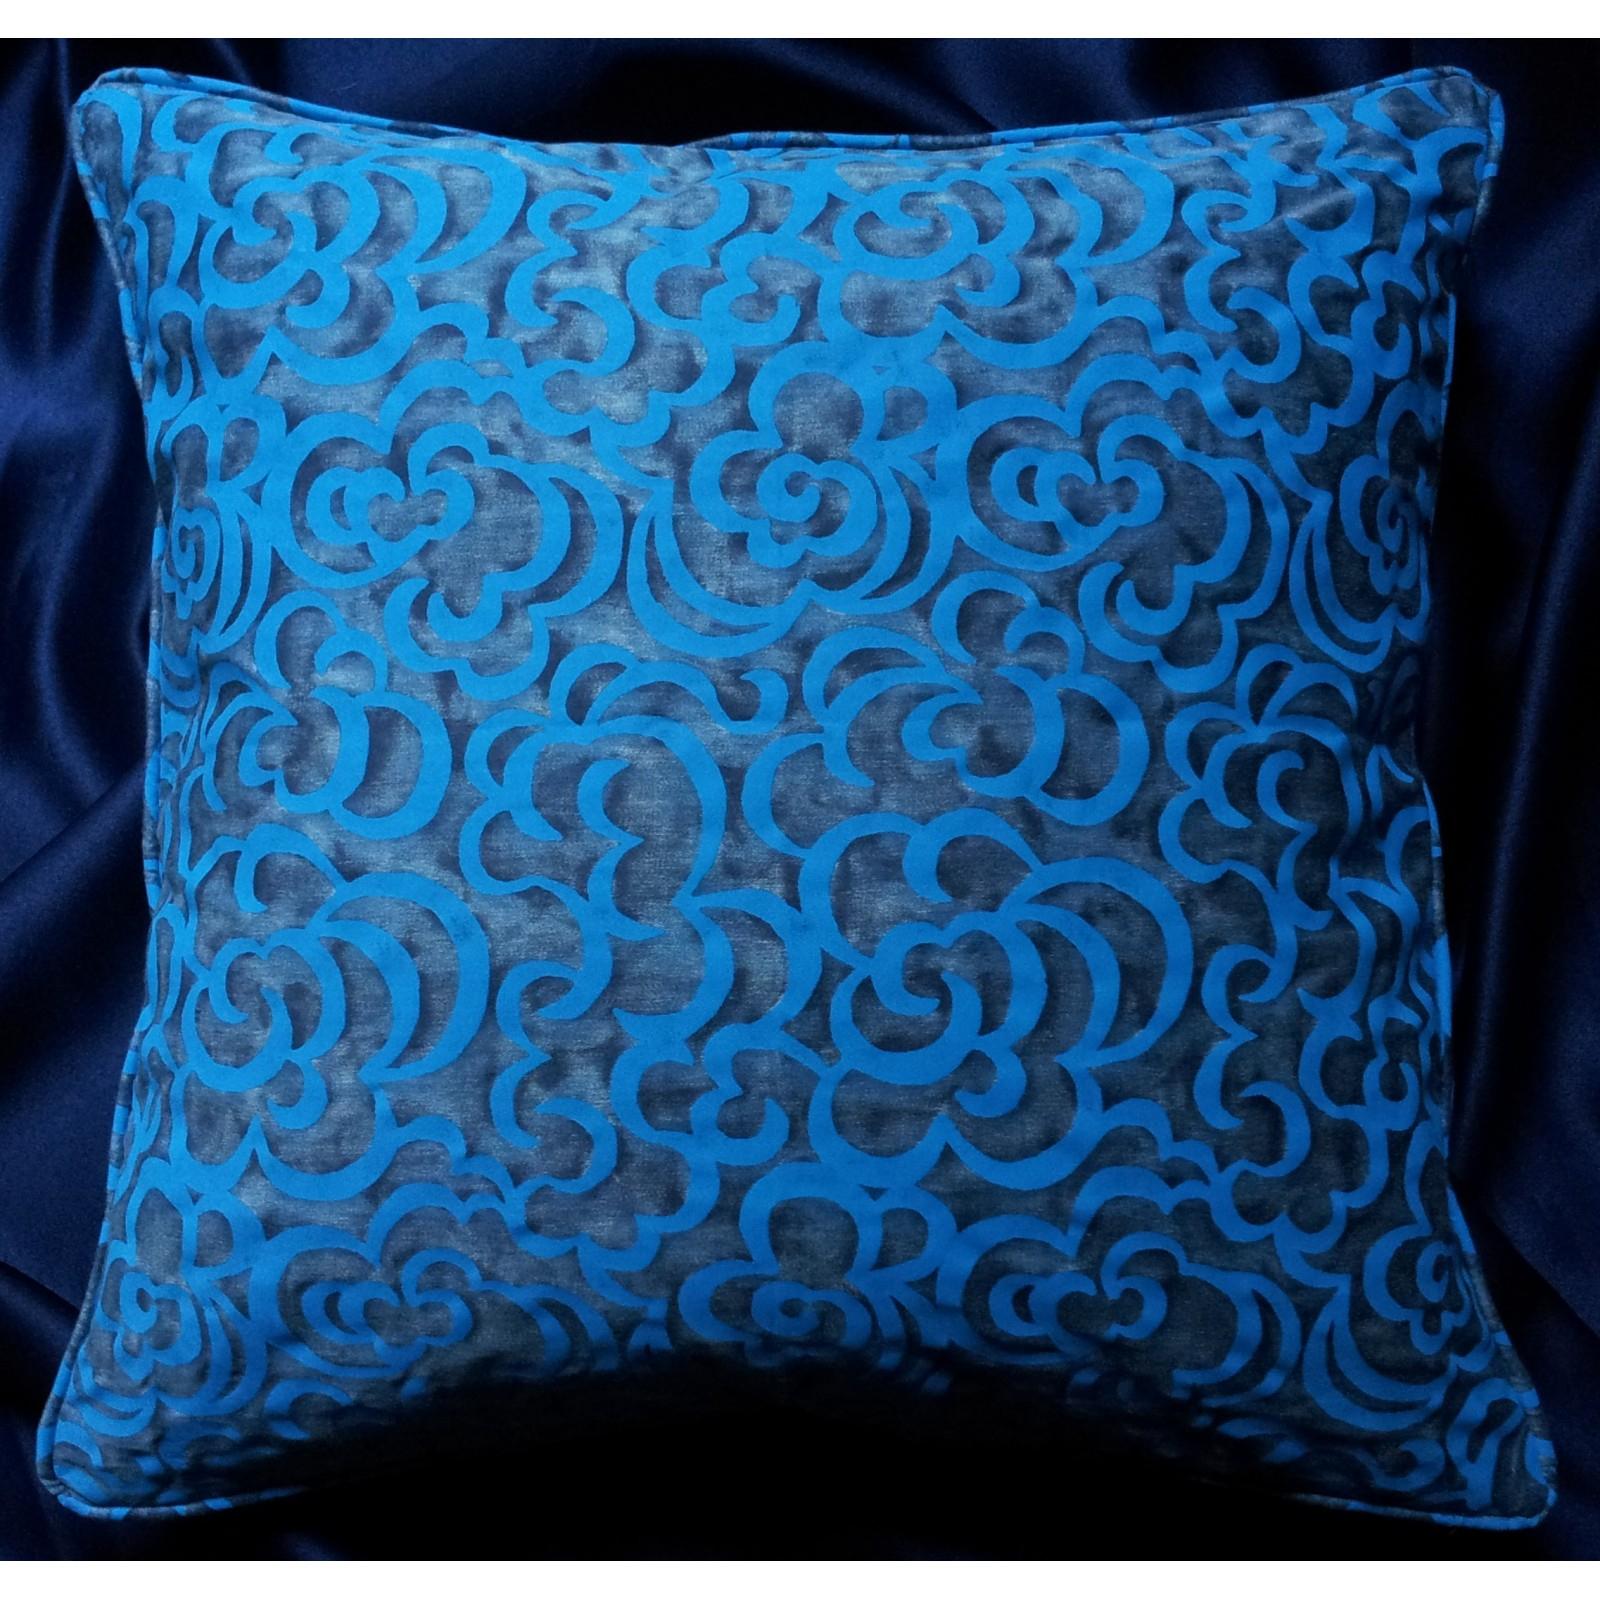 Housse De Coussin Fait Main En Tissu Fortuny Nuvole Bleu Et Turquoise encequiconcerne Coussin Bleu Turquoise